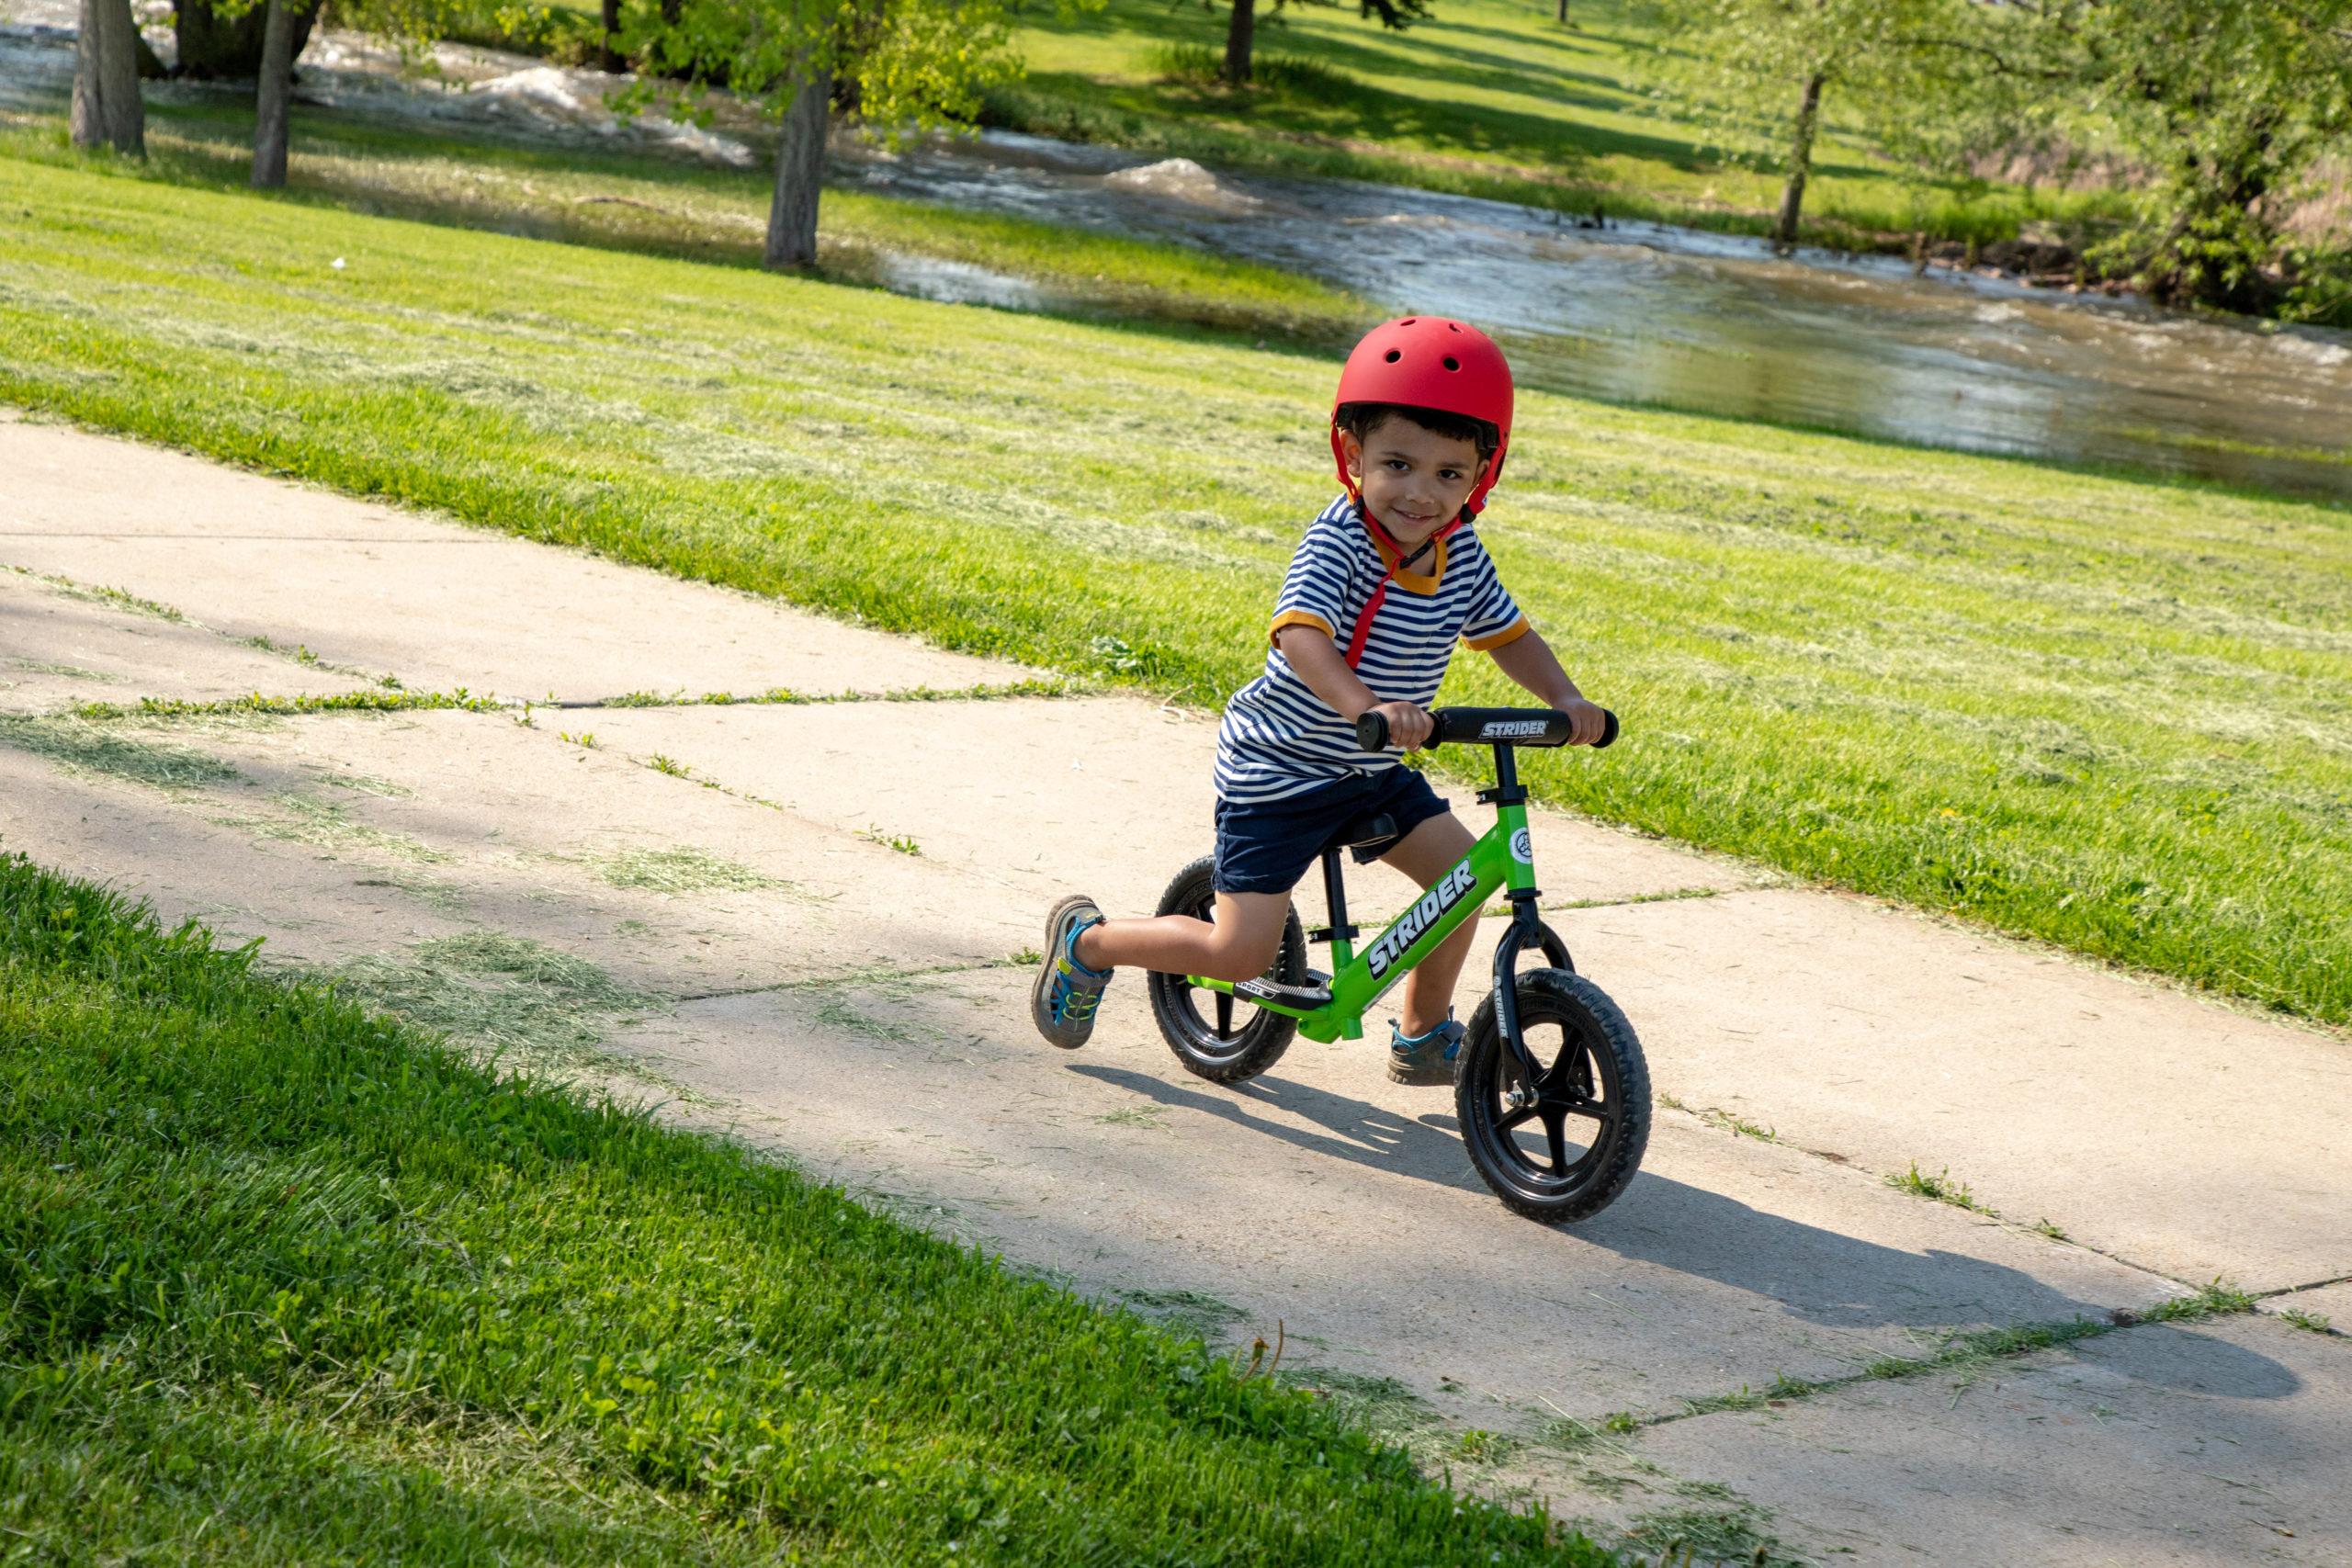 Young boy striding on sidewalk on green 12 sport